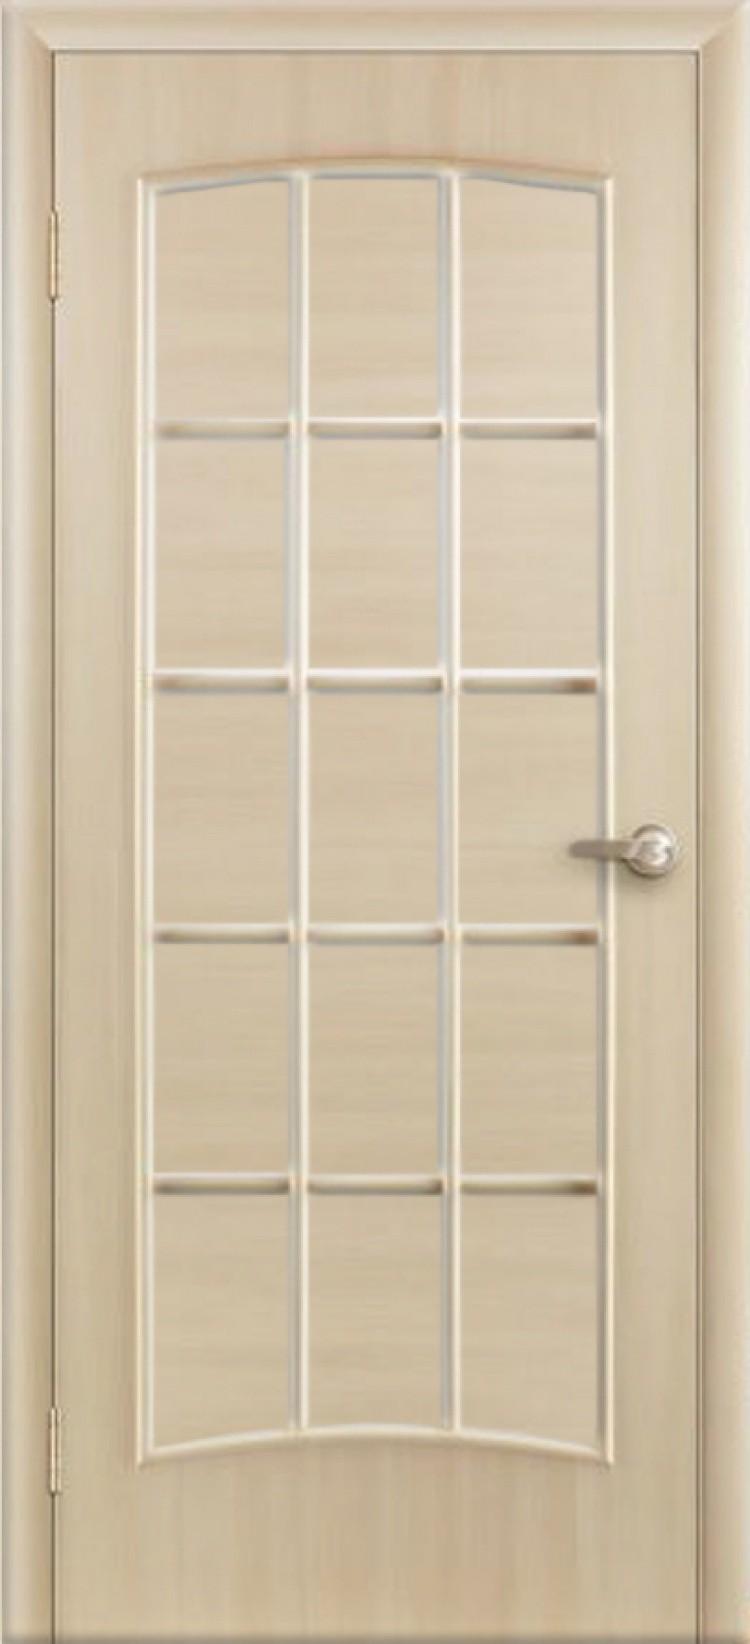 Ламинированная дверь Восход Кантри Беленый дуб ДГ 6 вставка 2000x600 (ПОСЛЕДНИЙ РАЗМЕР ПО АКЦИИ)